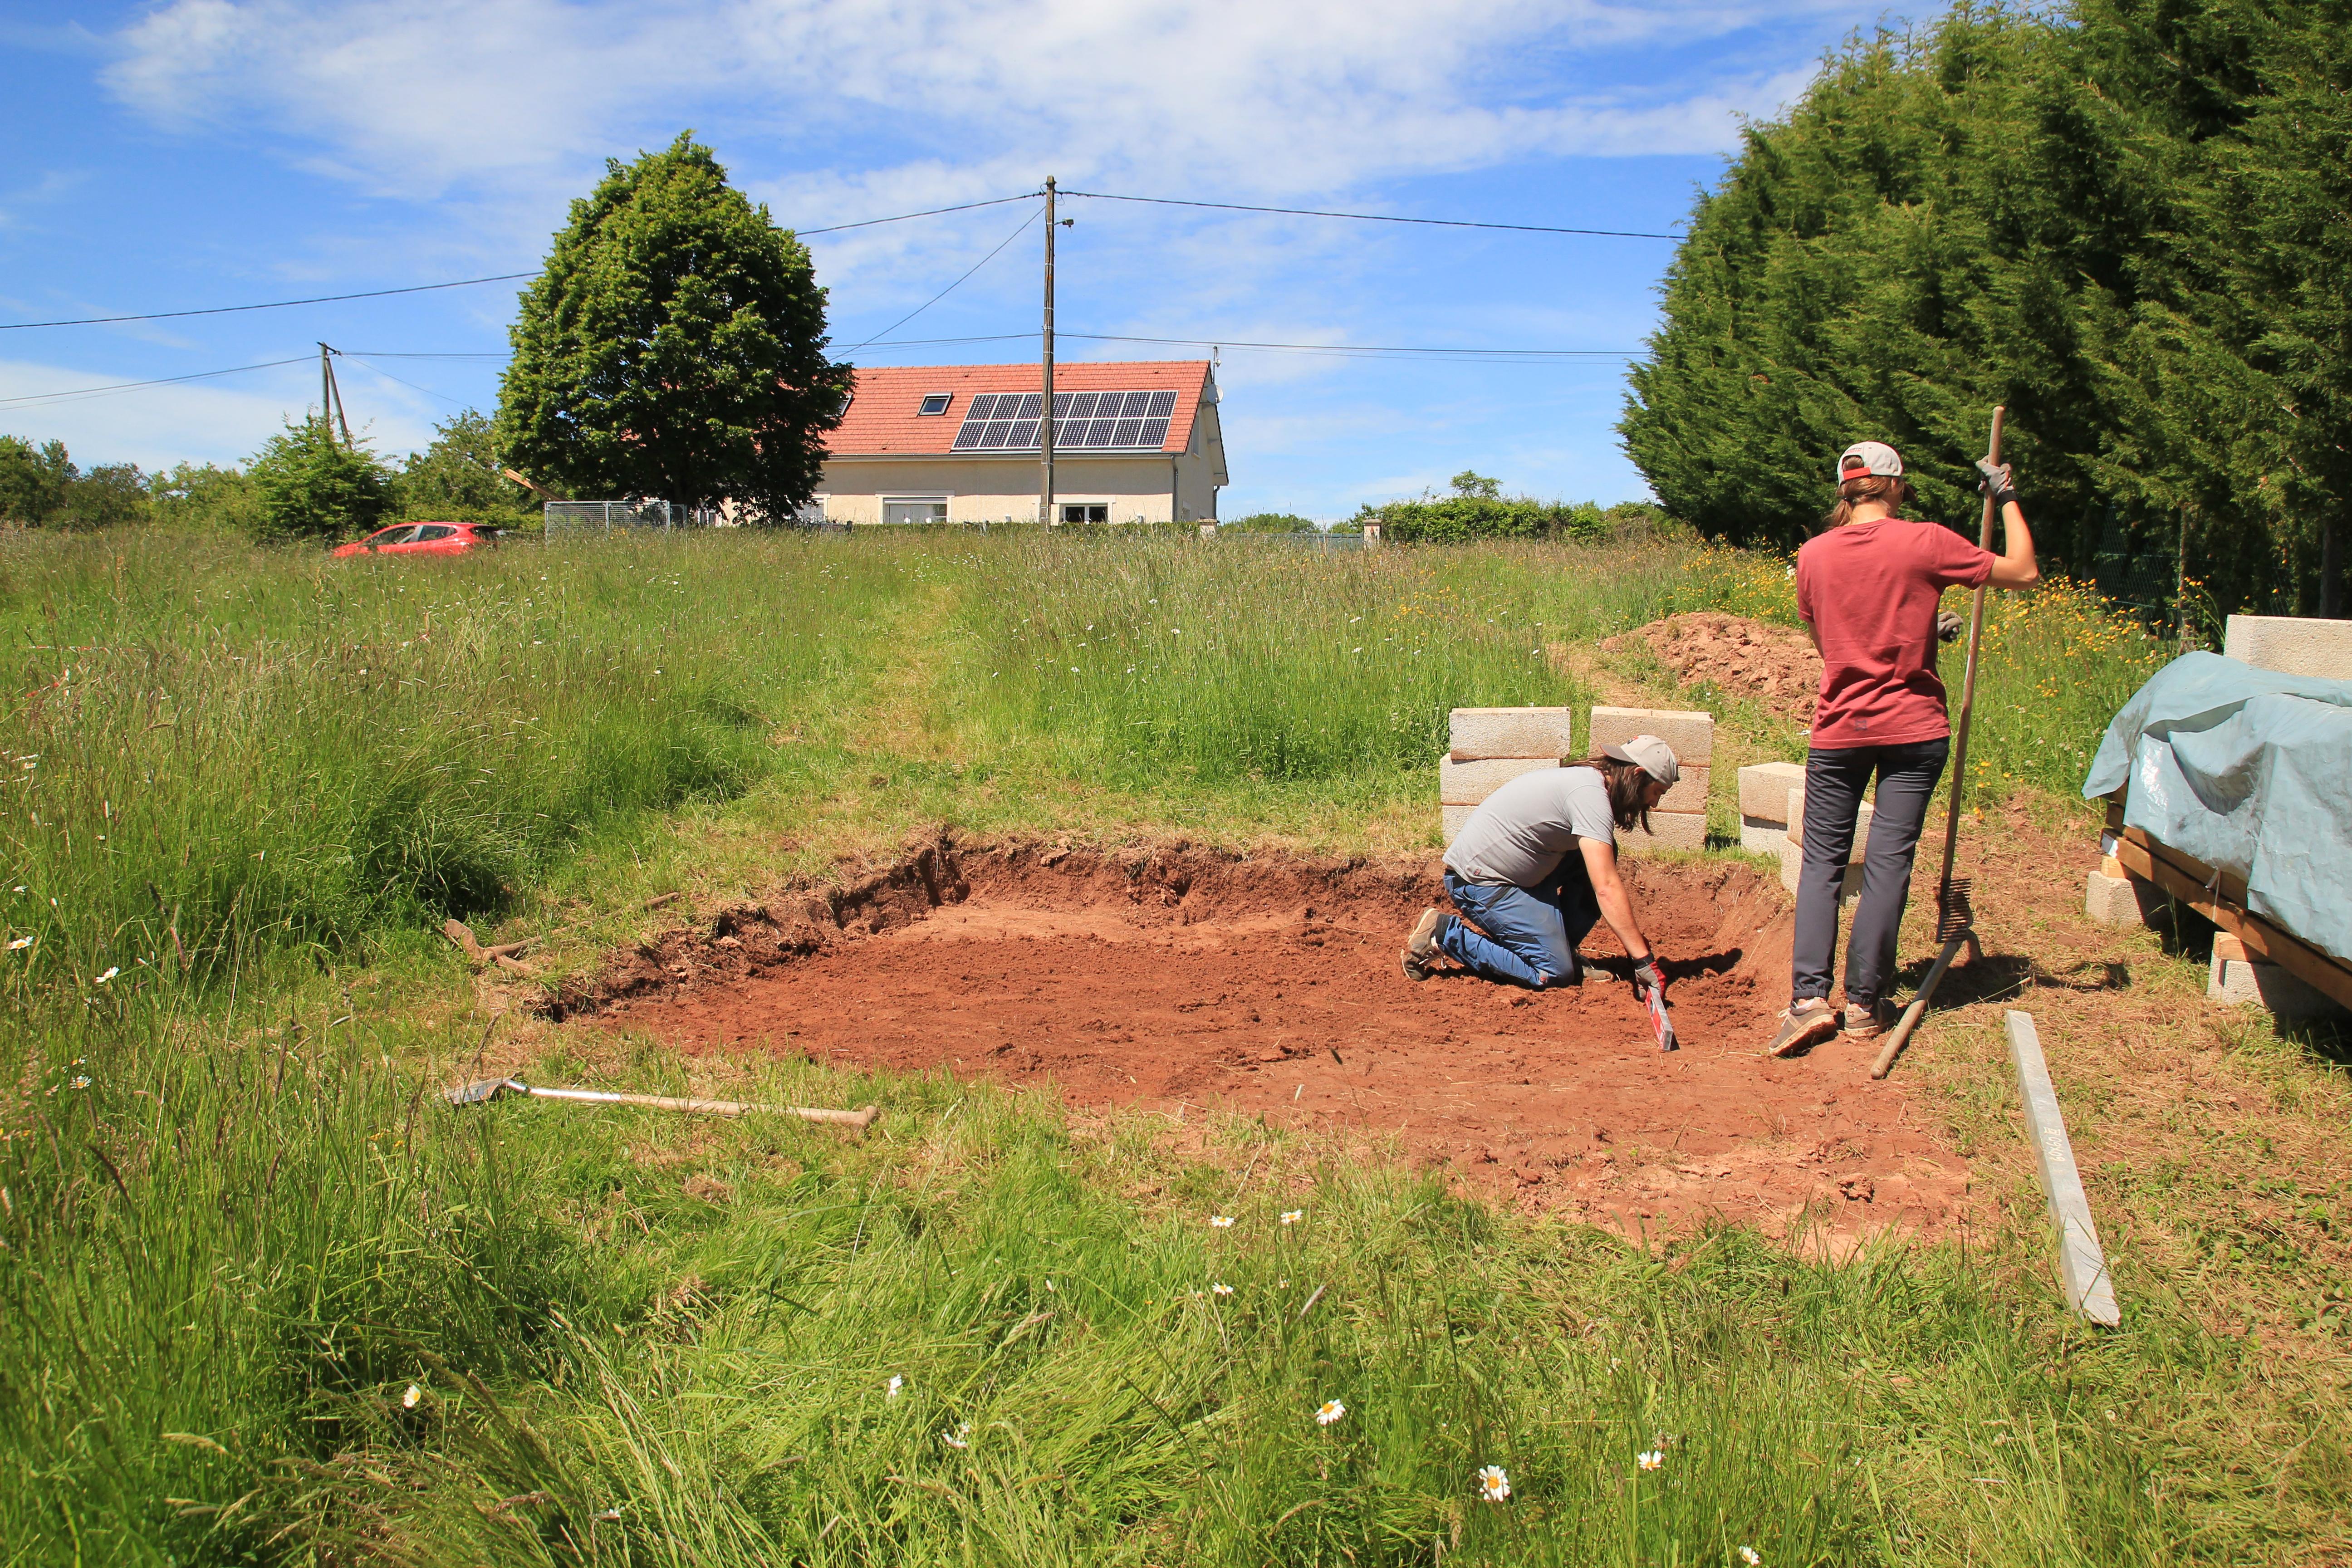 Fondations Et Dalle Bois Premiere Partie Abri De Jardin Comme